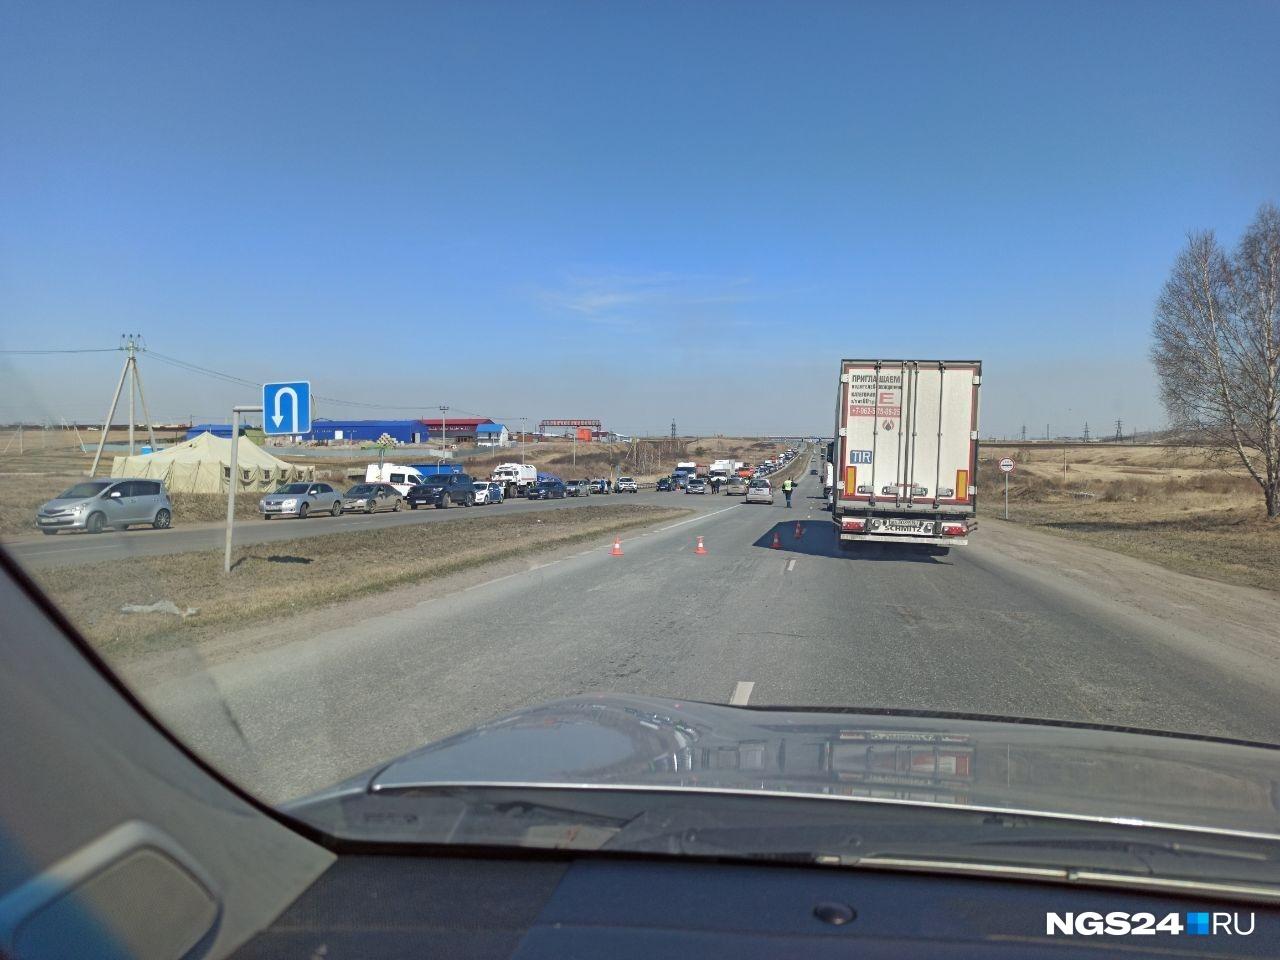 Проверка документов на въезде в Красноярск